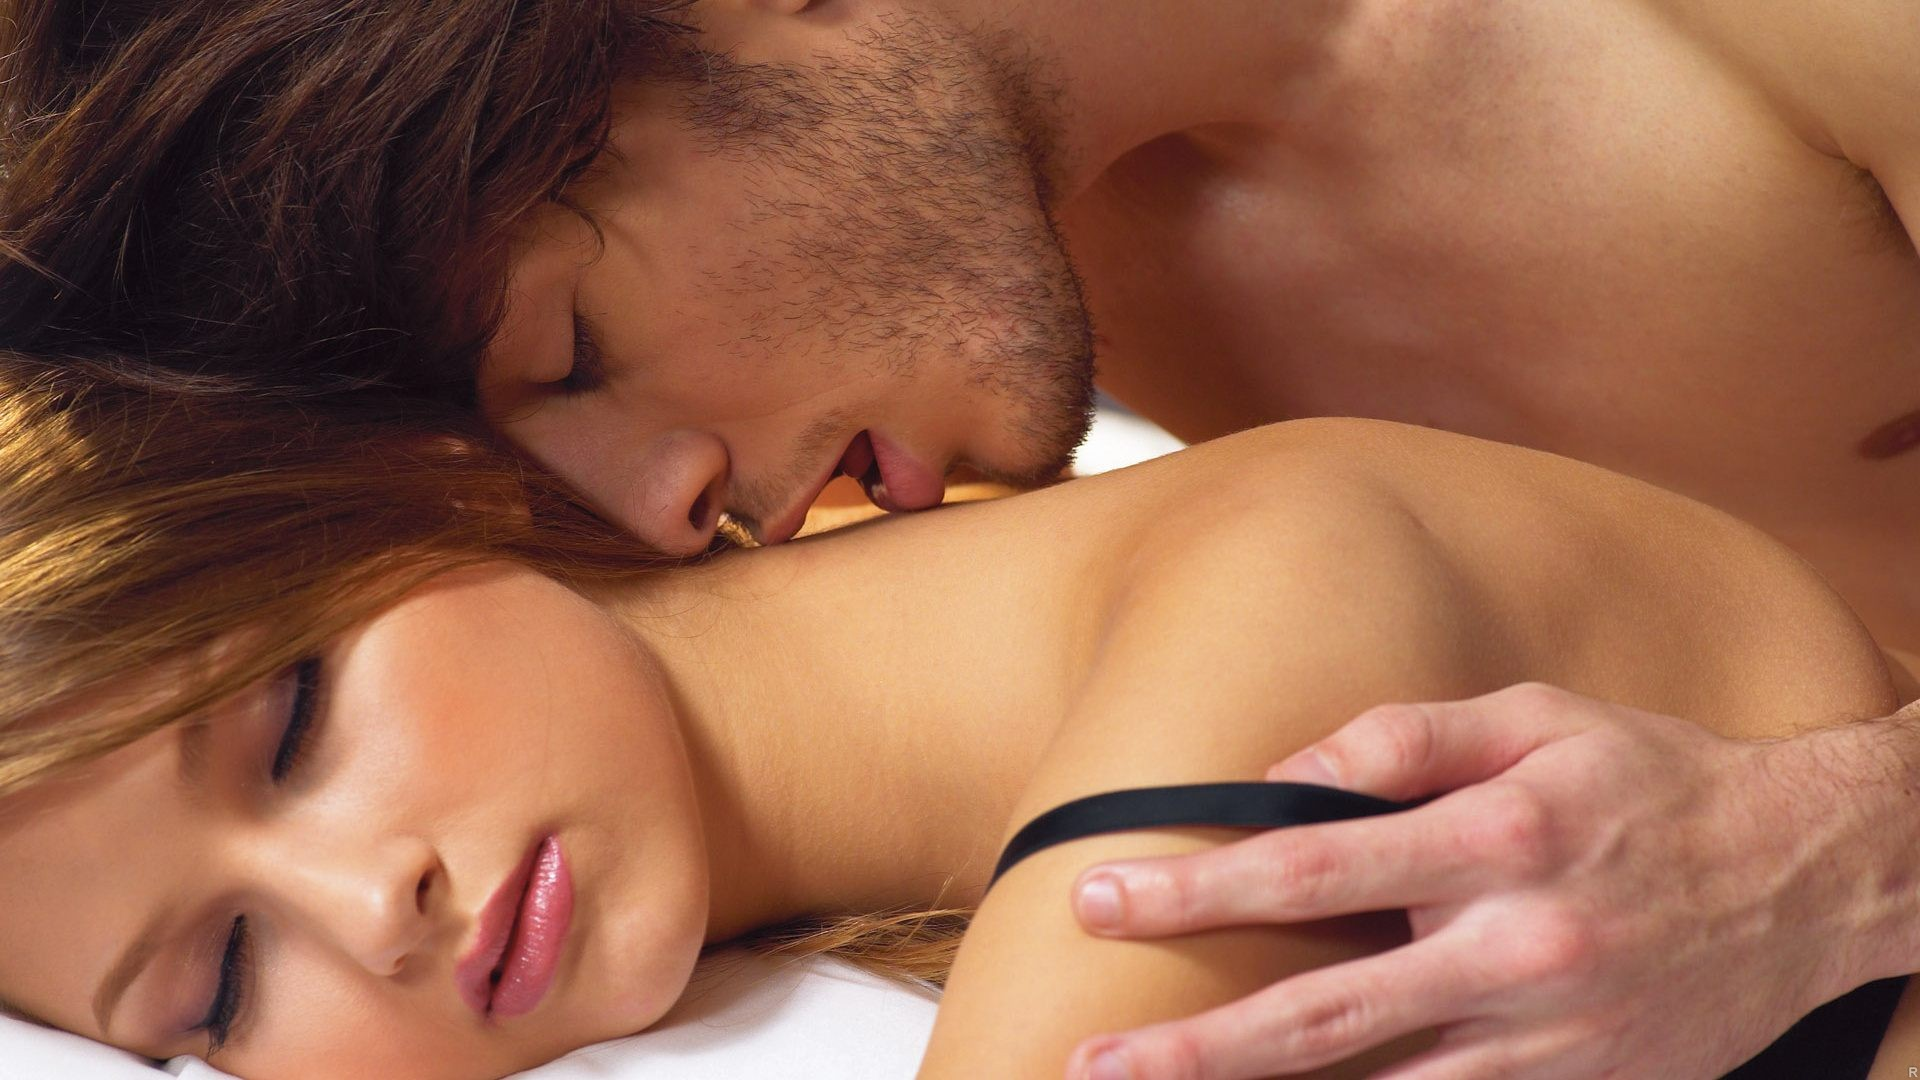 Смотреть жесткий секс в онлайн #12